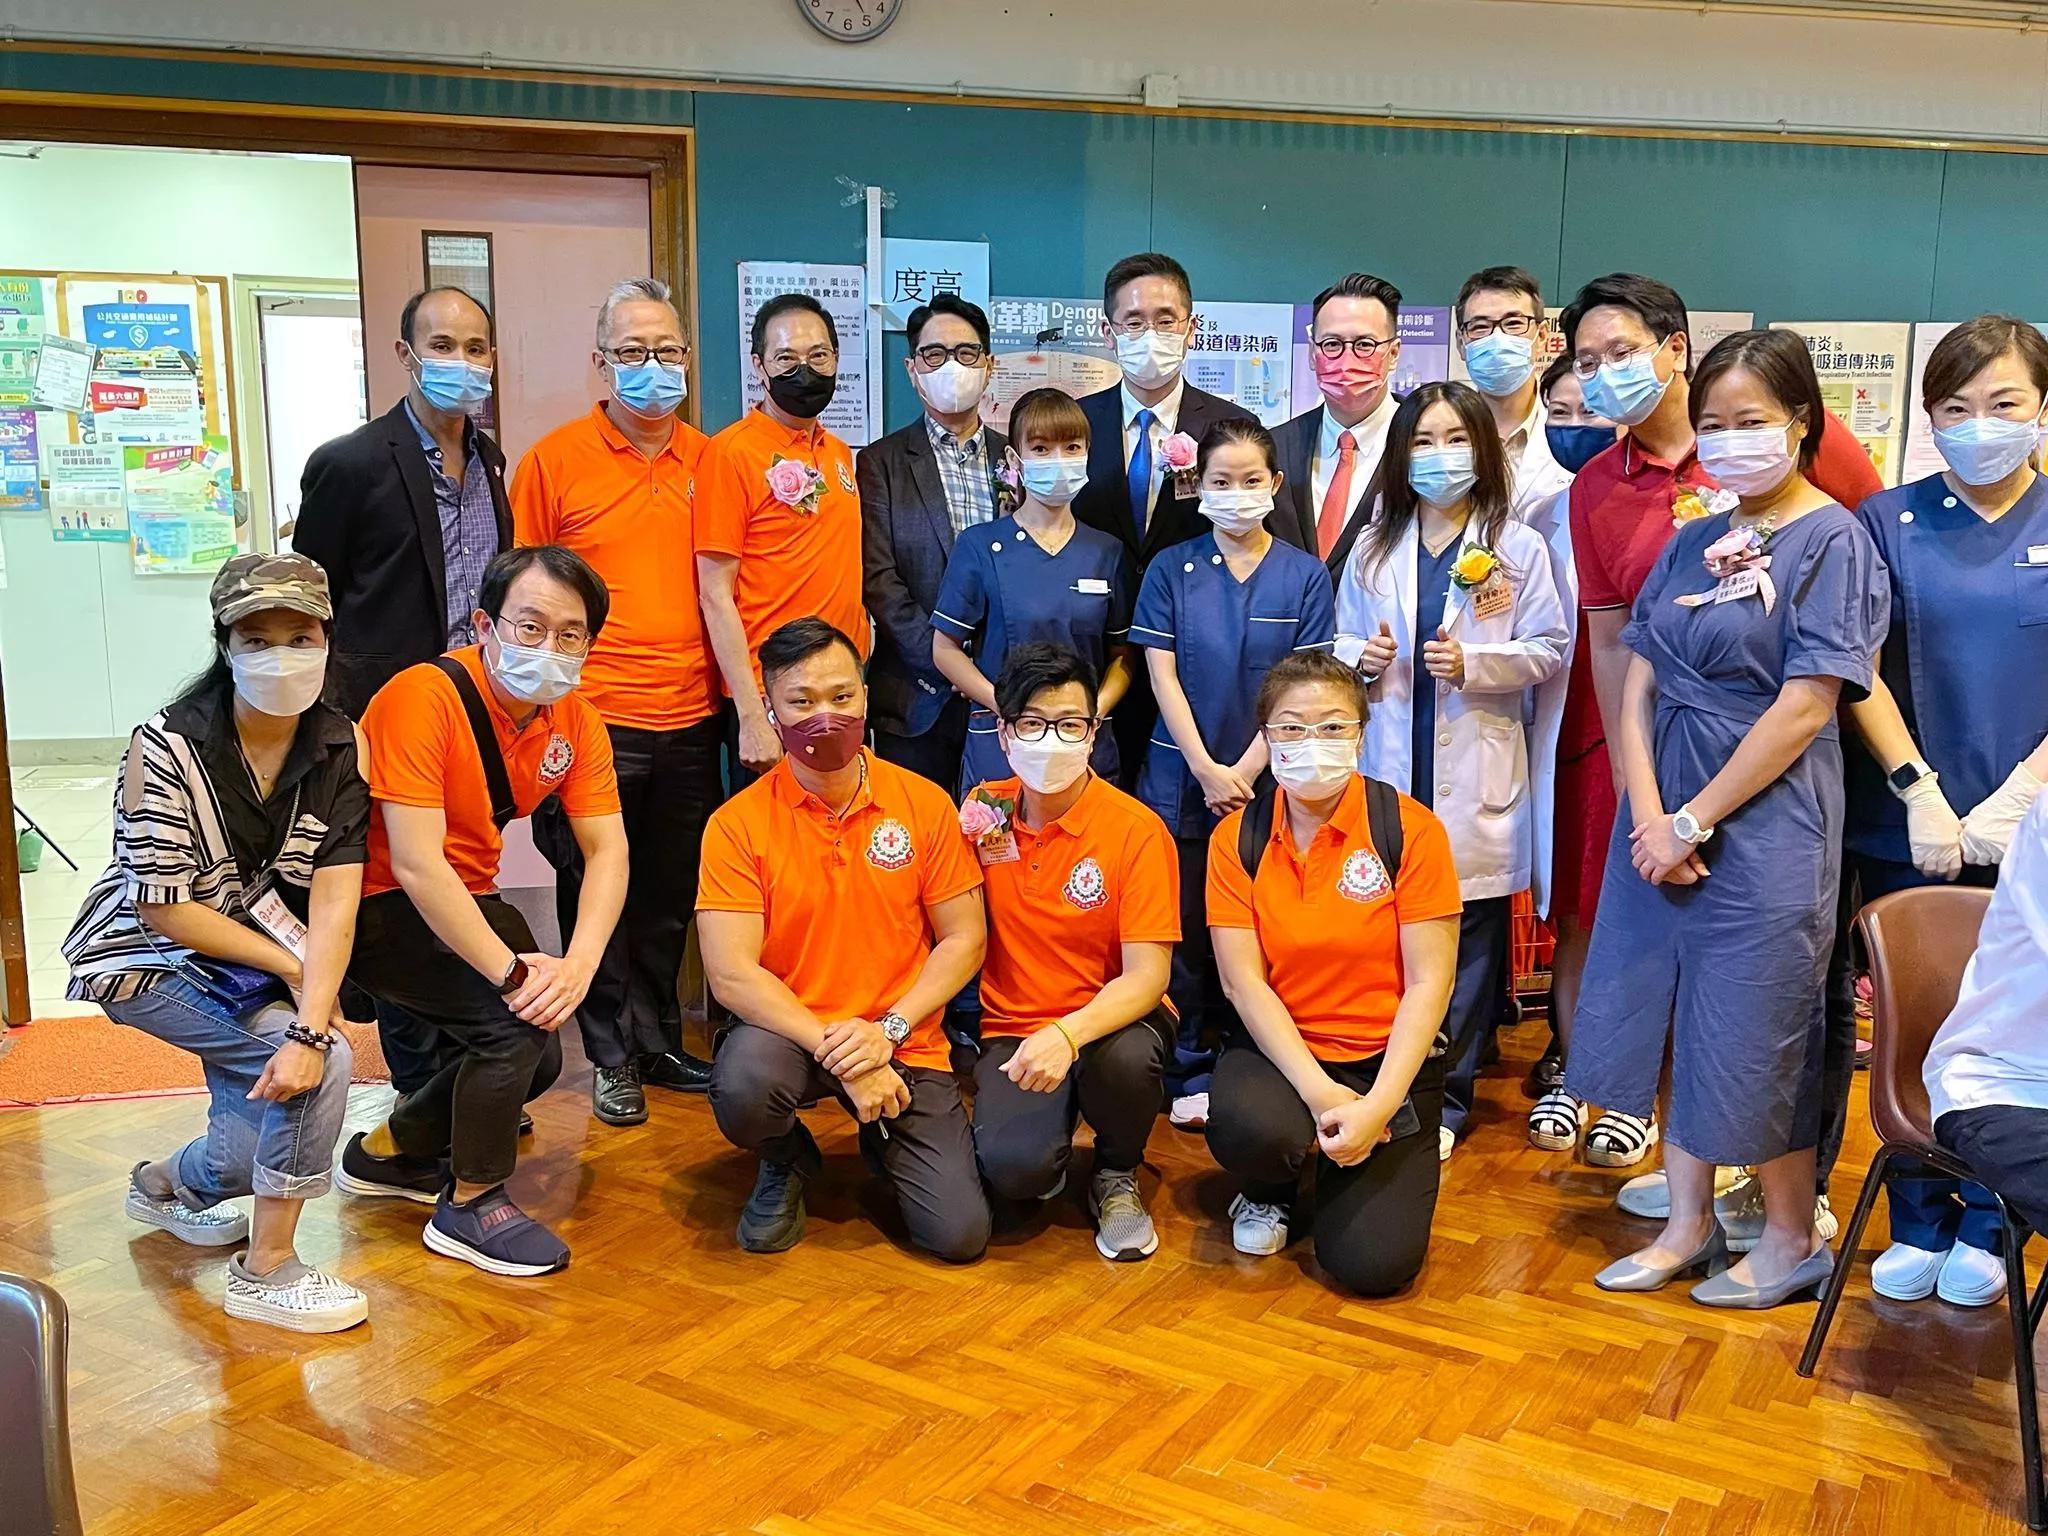 萧凡轩、池柏驹、萧靖瑜发起长者身体检查活动庆祝72周年国庆